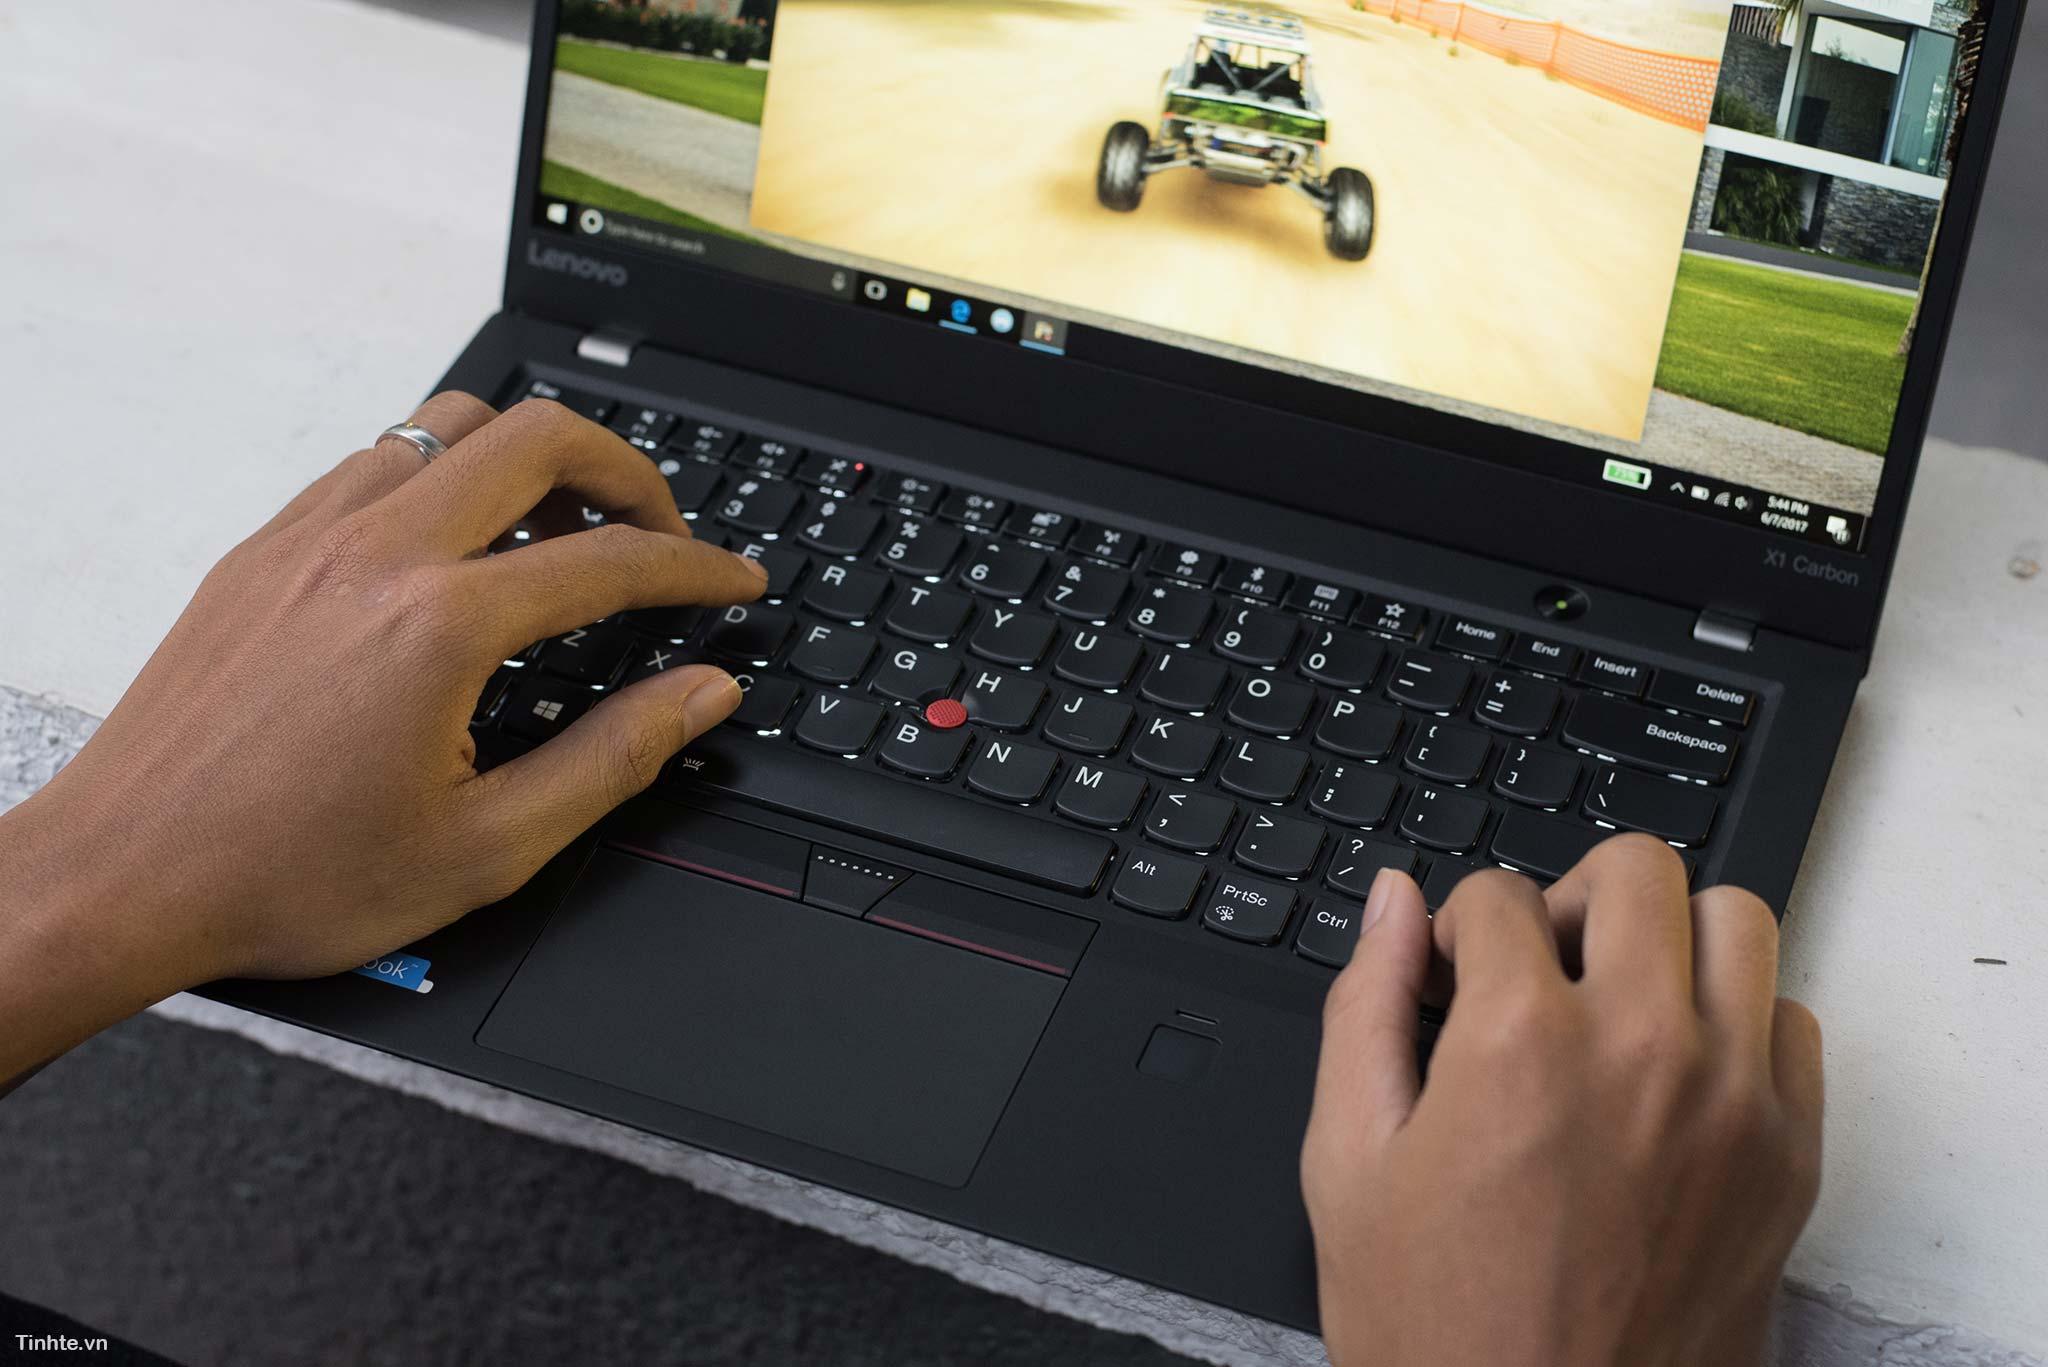 ThinkPad X1 cacbon - laptop cao cấp cho doanh nhân 40653213